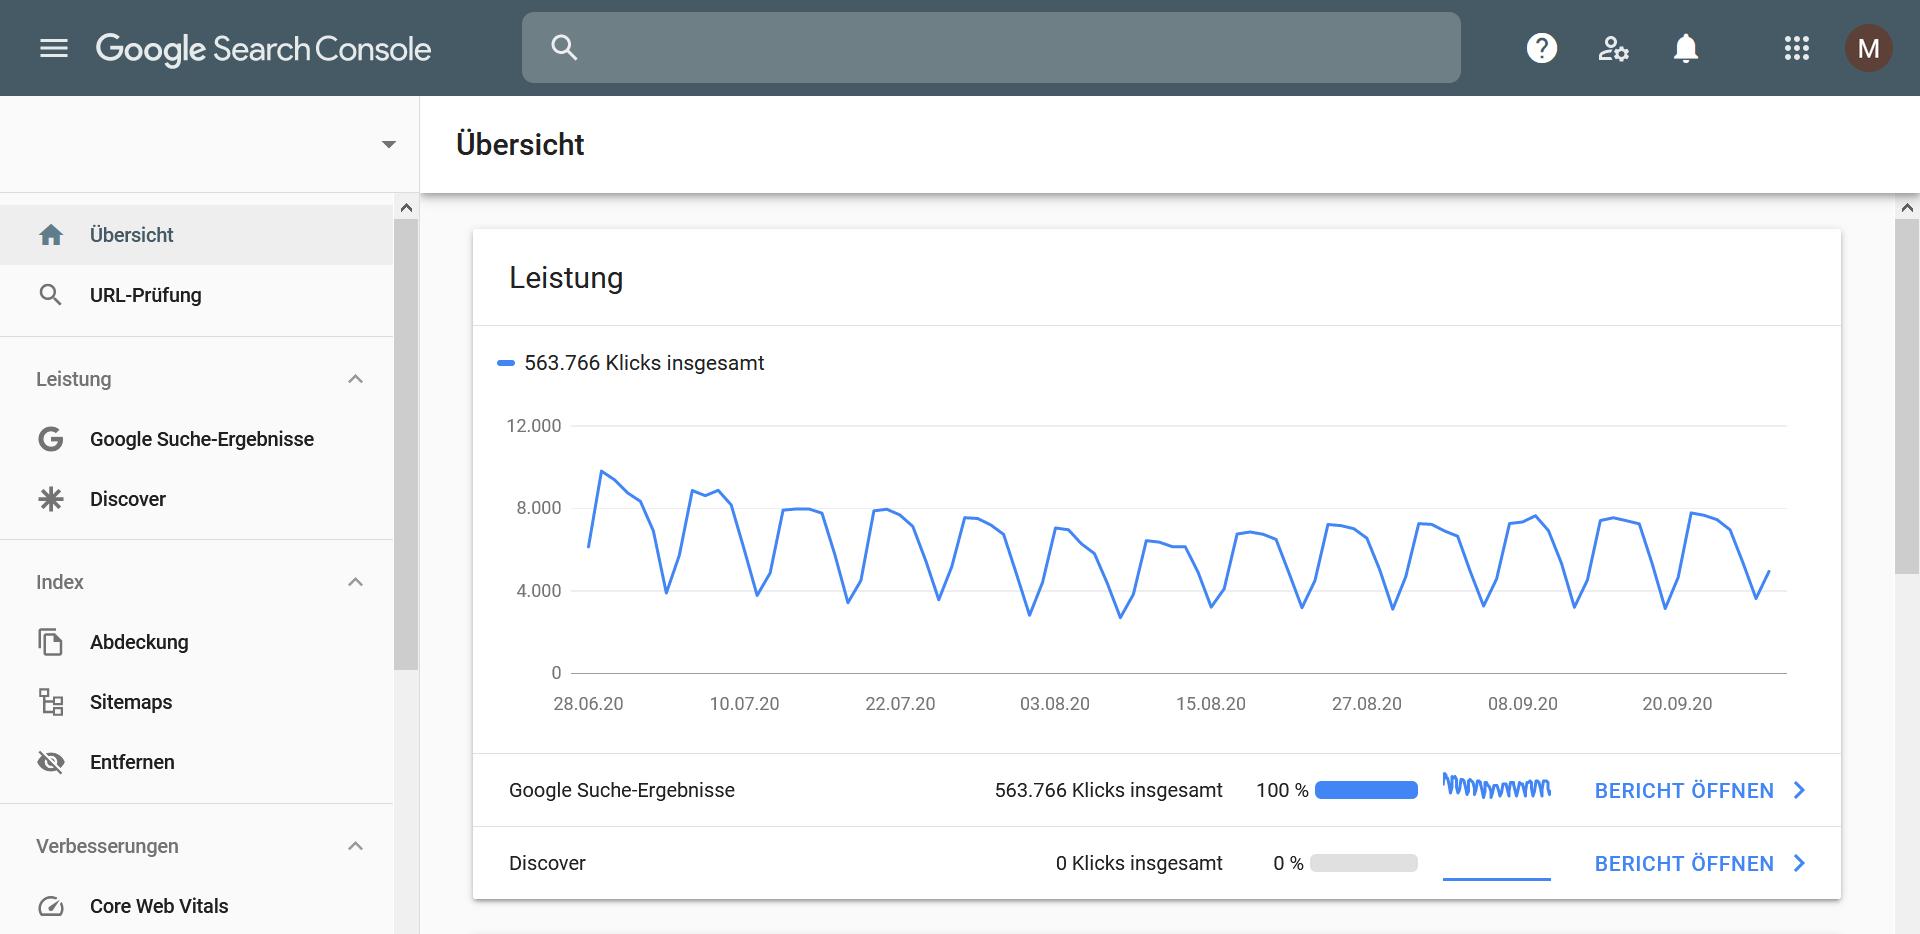 Google Search Consoel Übersicht